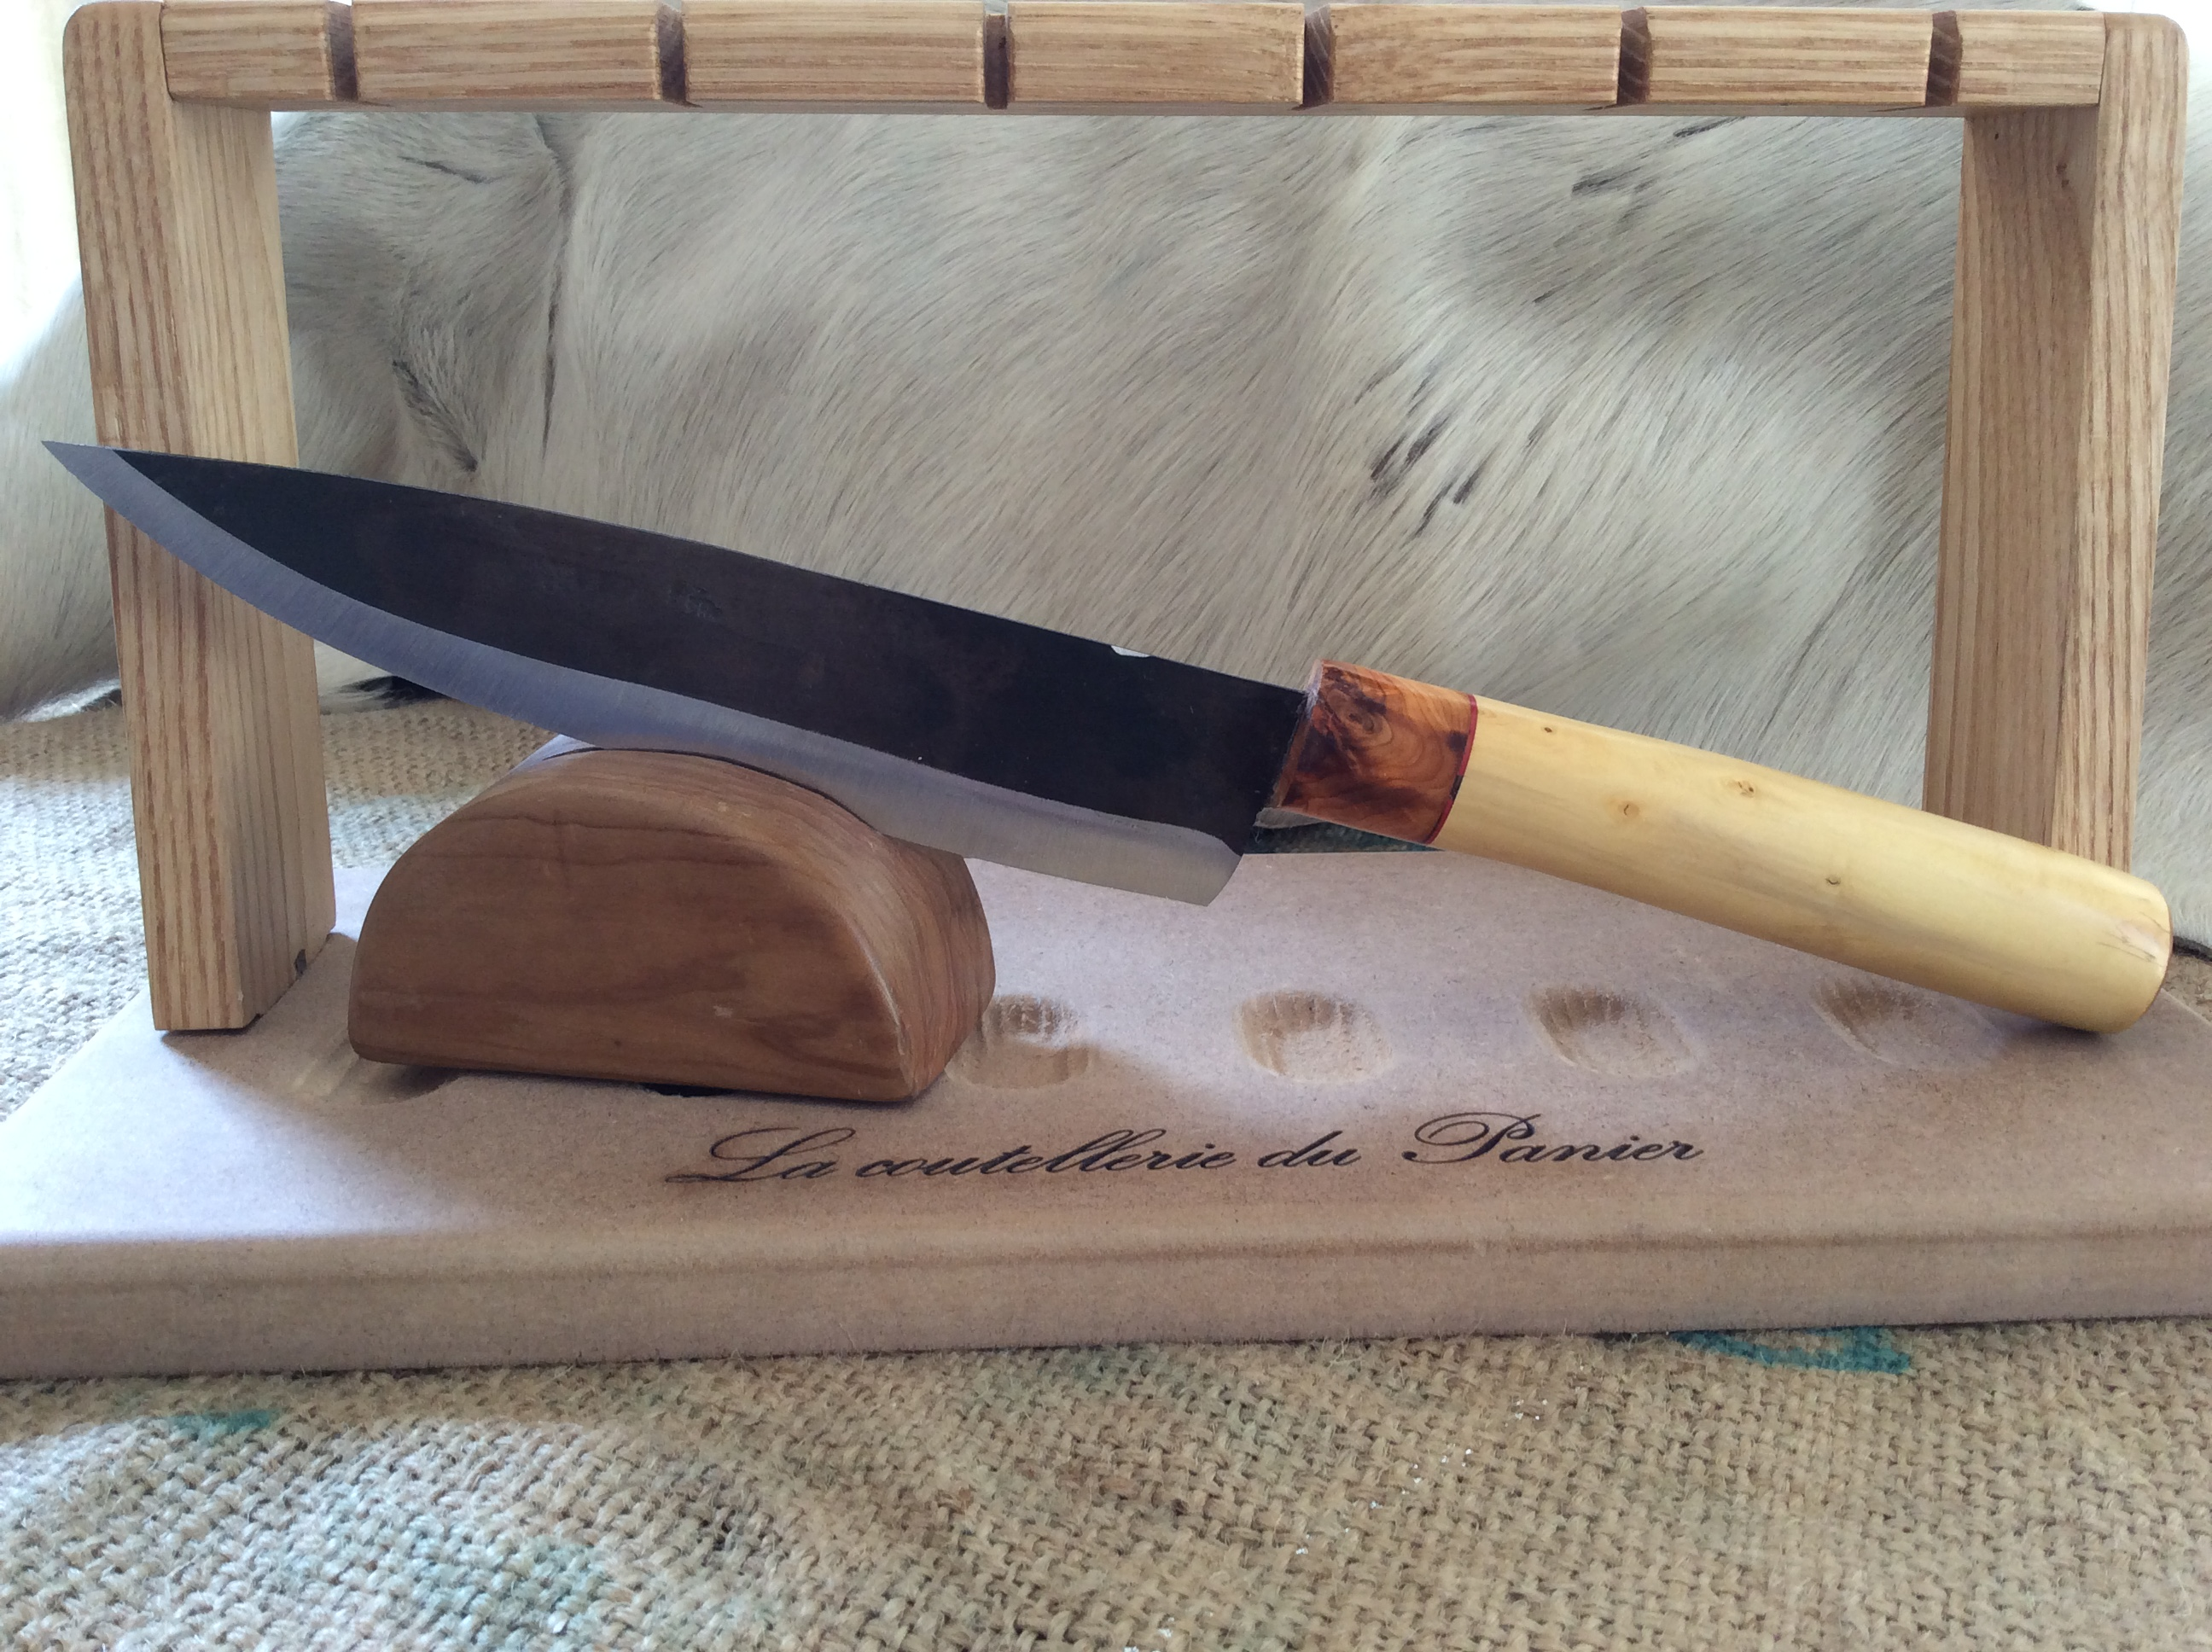 Couteau de Cuisine Ref C 0420/01